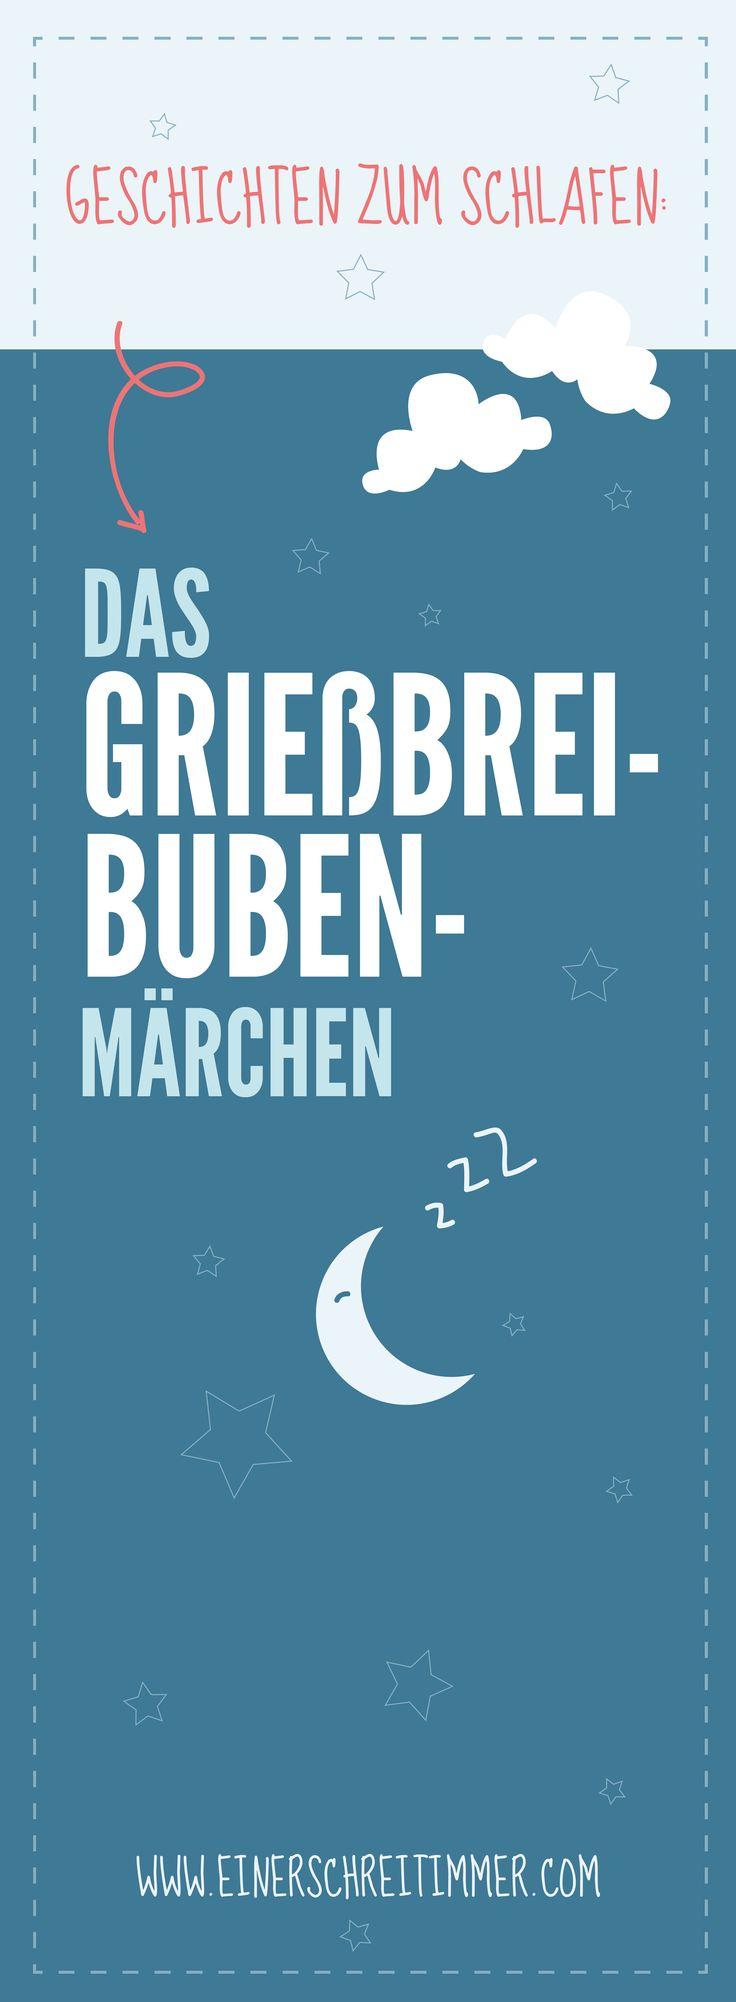 Geschichten zum Schlafen: Das Grießbrei-Buben-Märchen